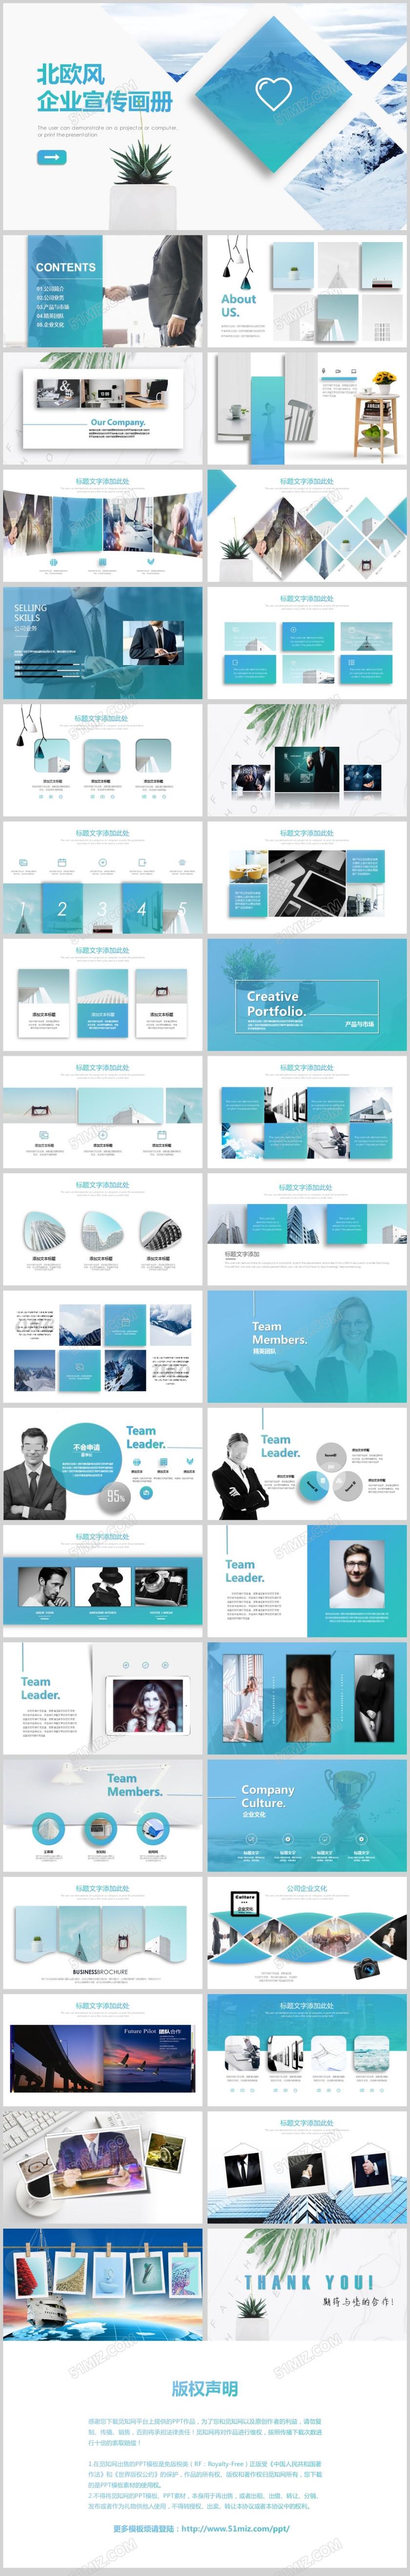 公司企业宣传画册PPT产品图片展示公司介绍ppt